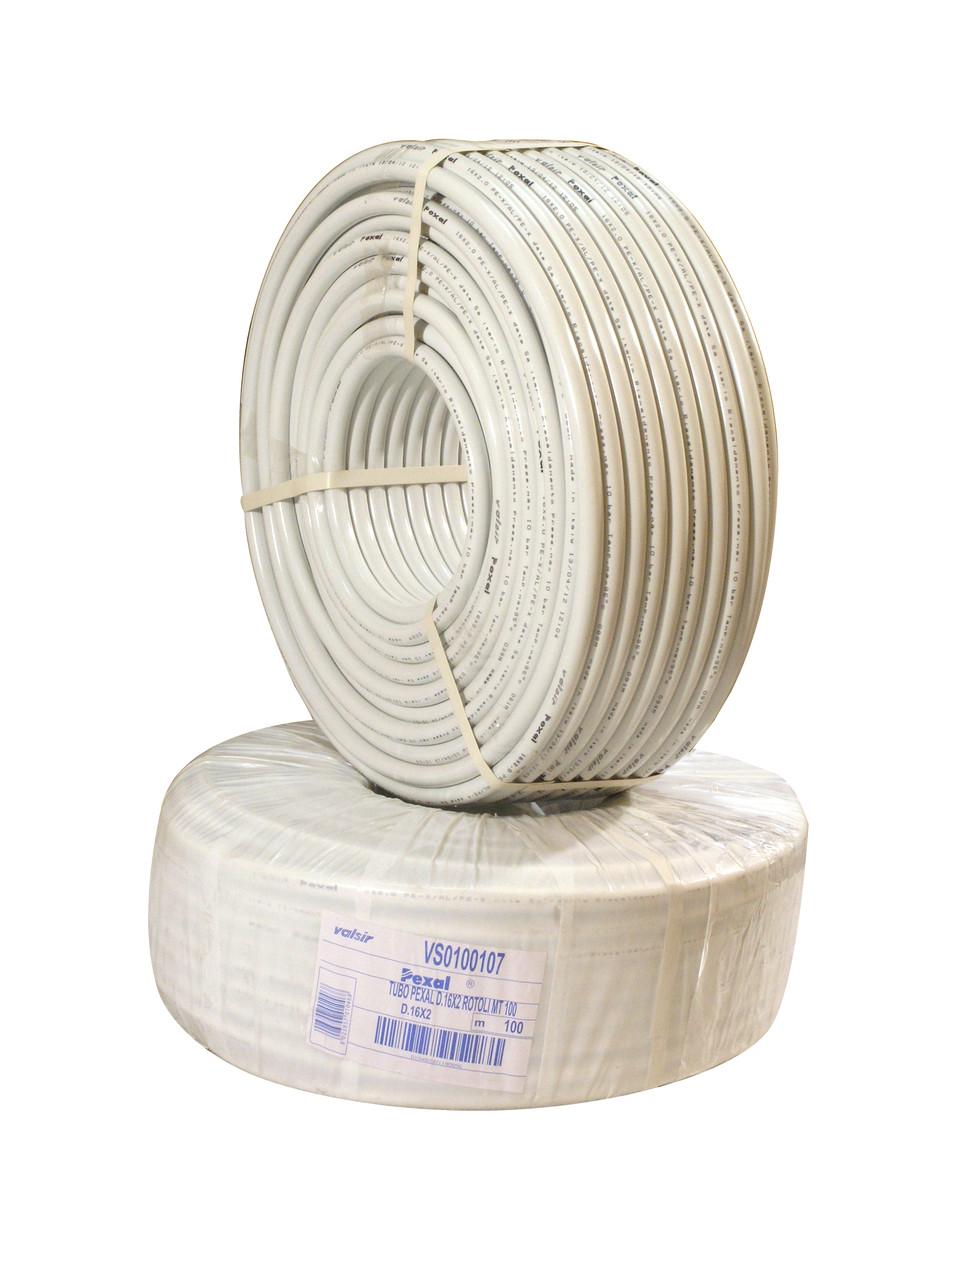 PEXAL Труба 16 PERT теплый пол (100 м/ящ)